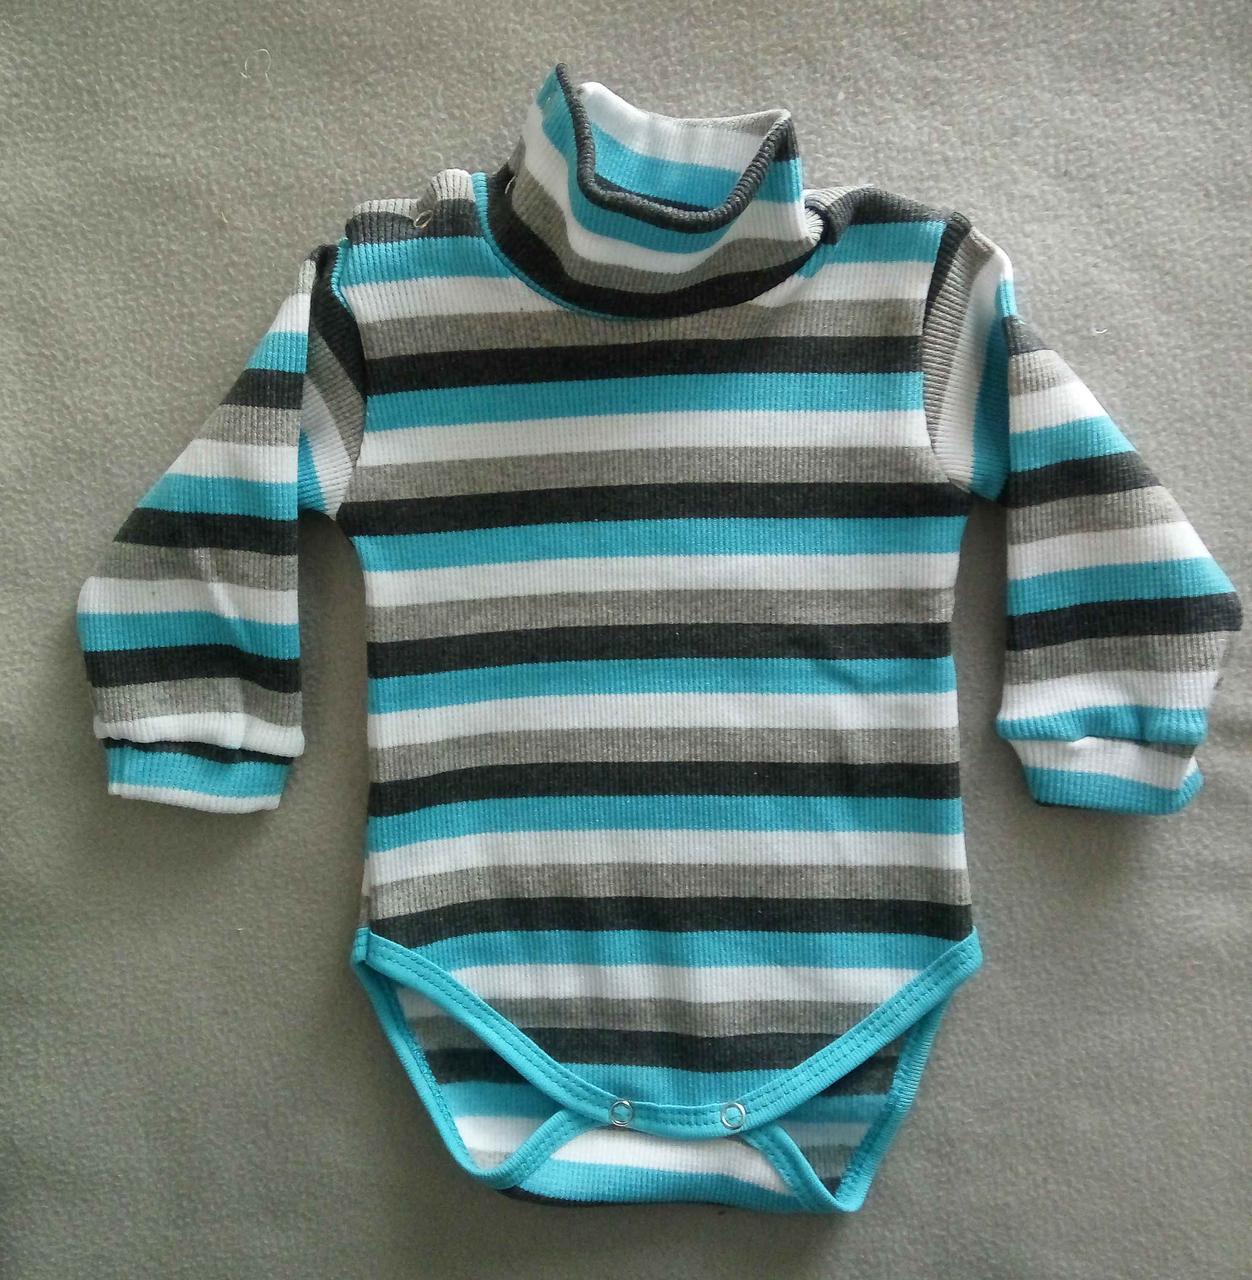 666ff971a772 Боди гольф детский с начесом, для новорожденных 3-24 мес, рубчик, на  кнопках, Украина, оптом